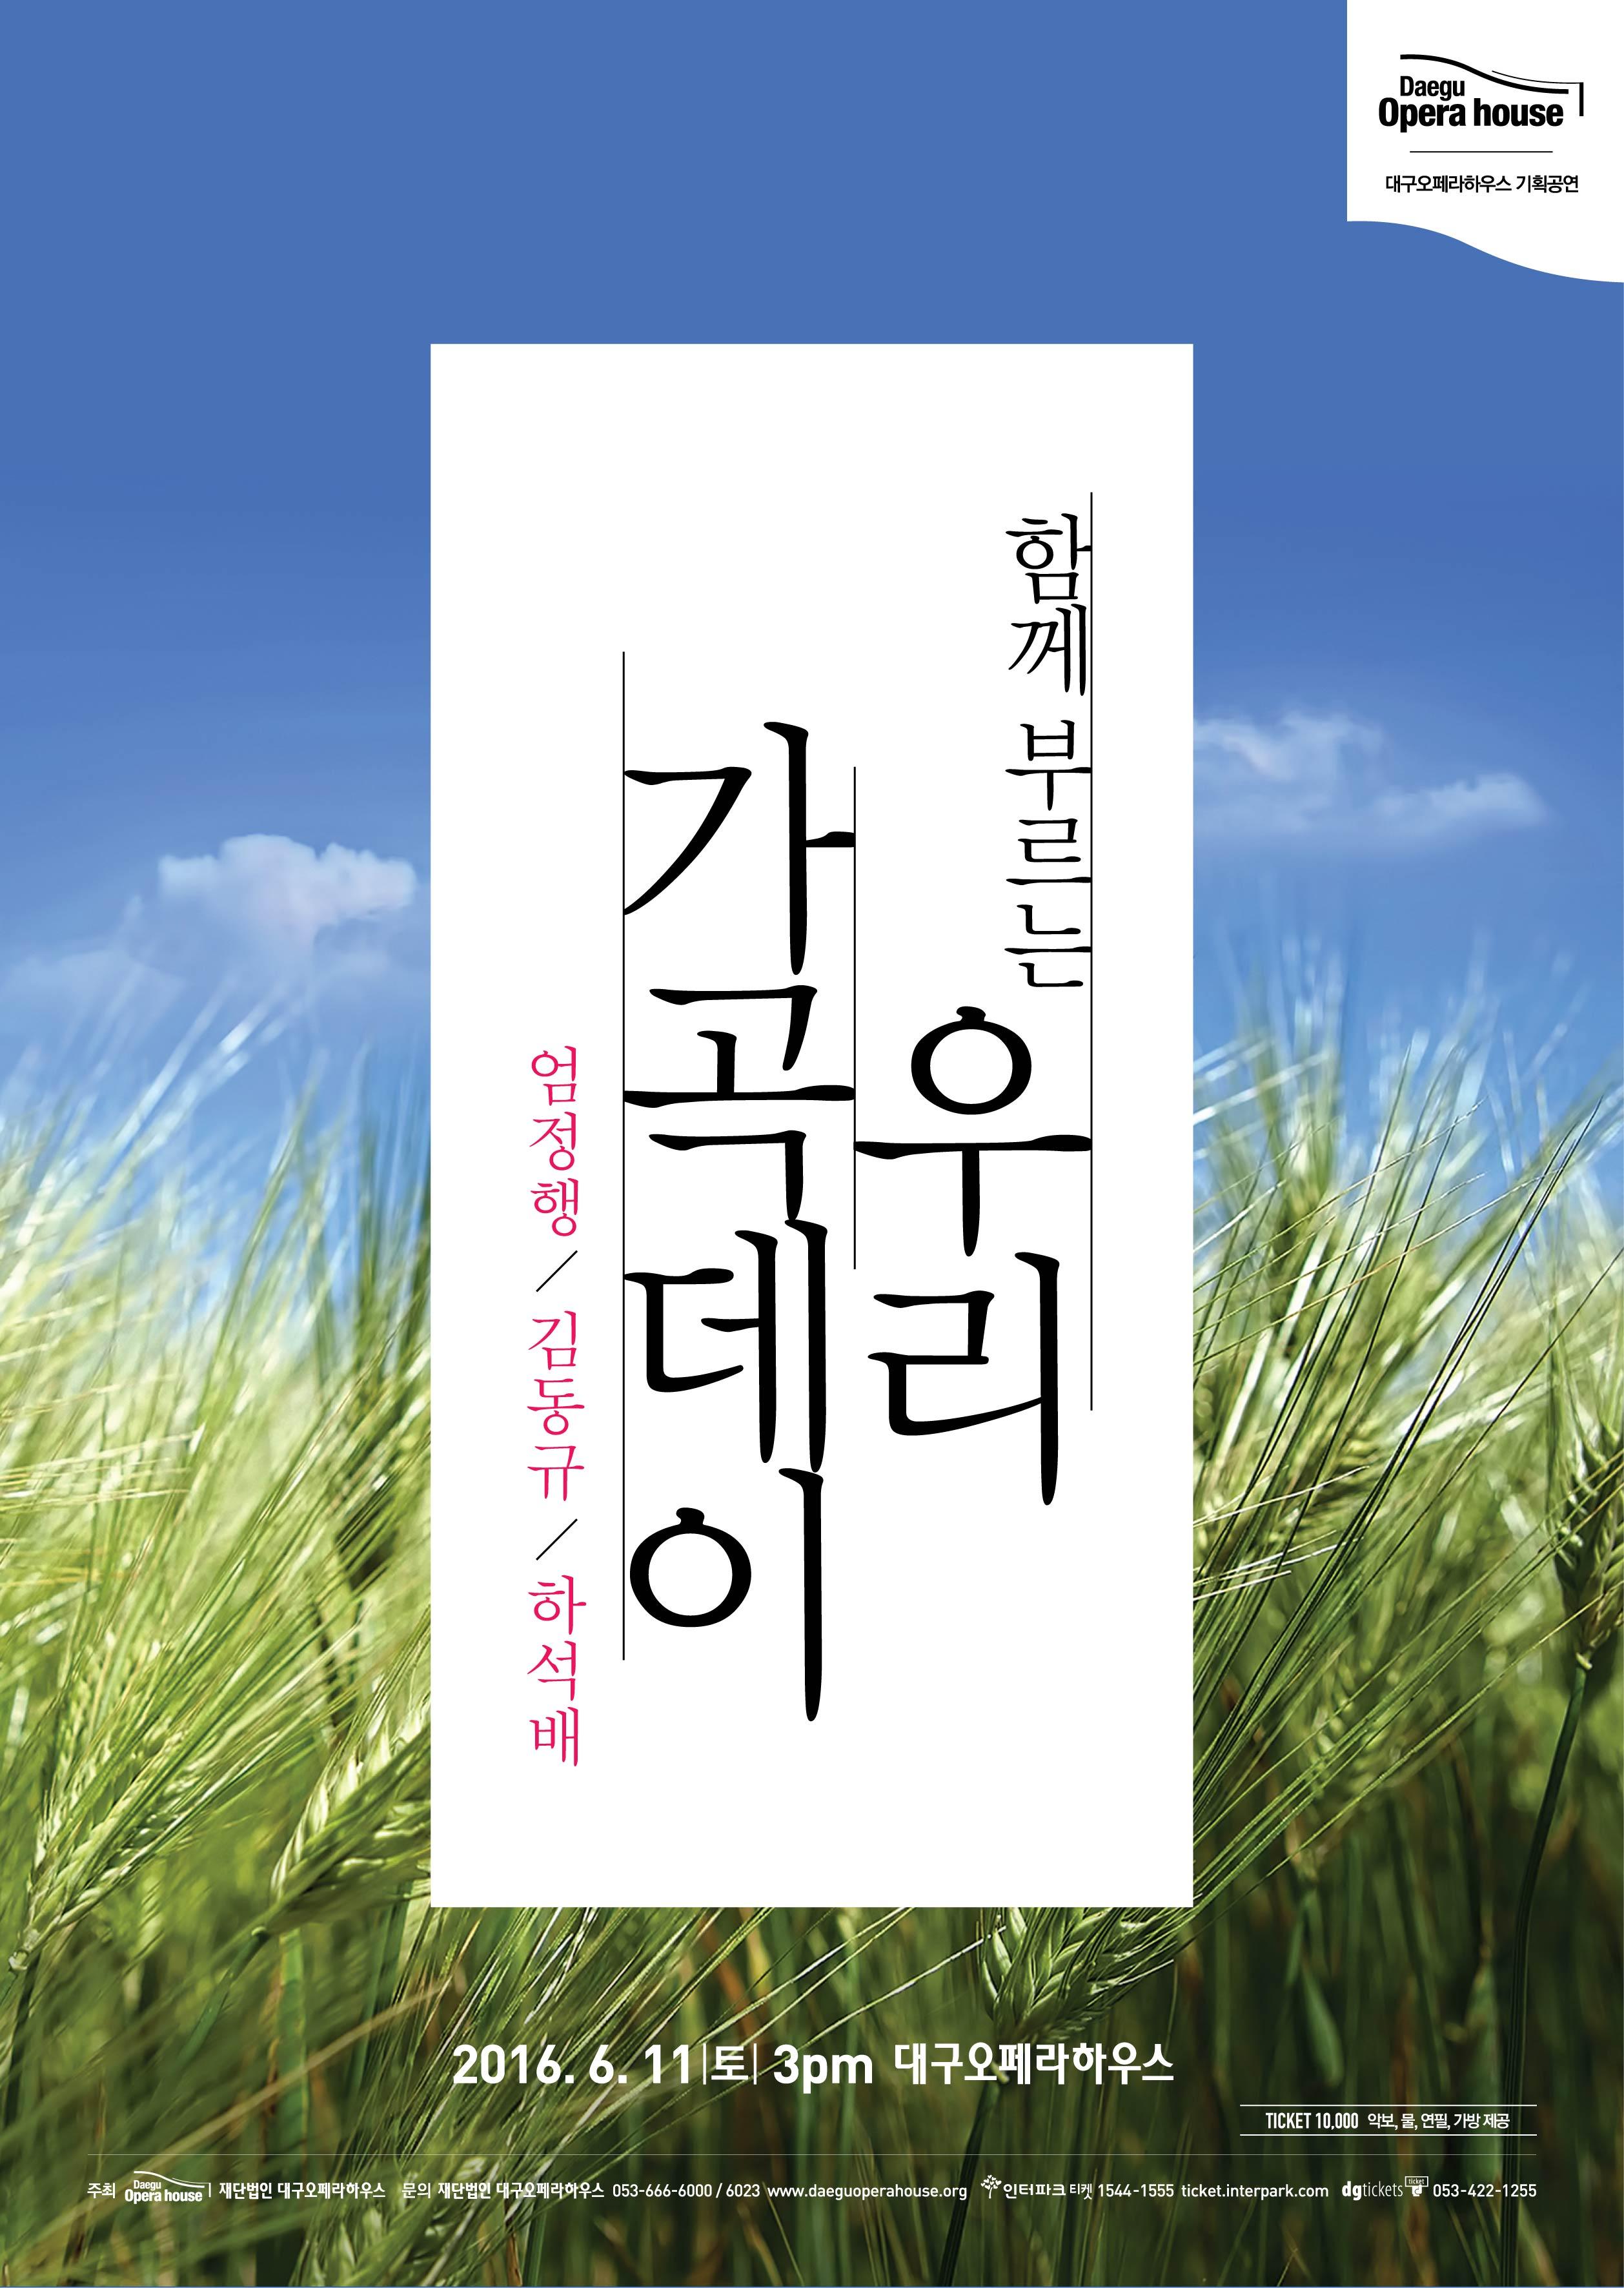 대구오페라하우스, '함께 부르는 우리가곡데이' 행사 개최